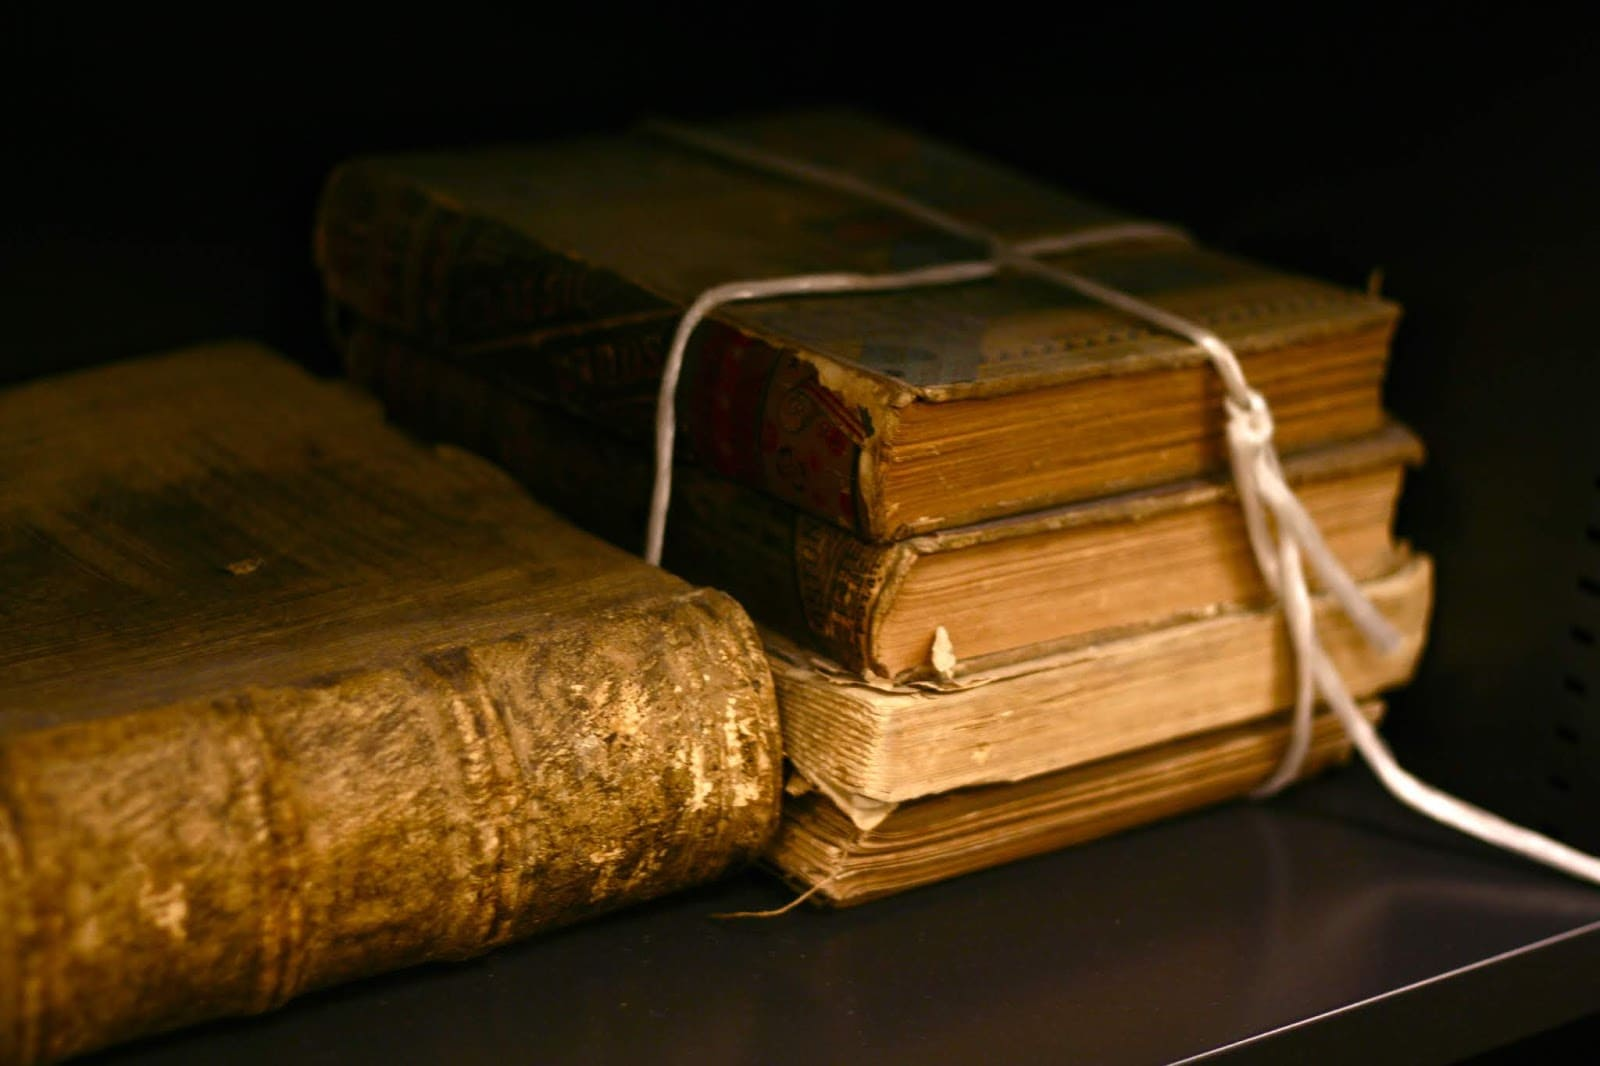 تعريف علم الحديث لغة واصطلاحا